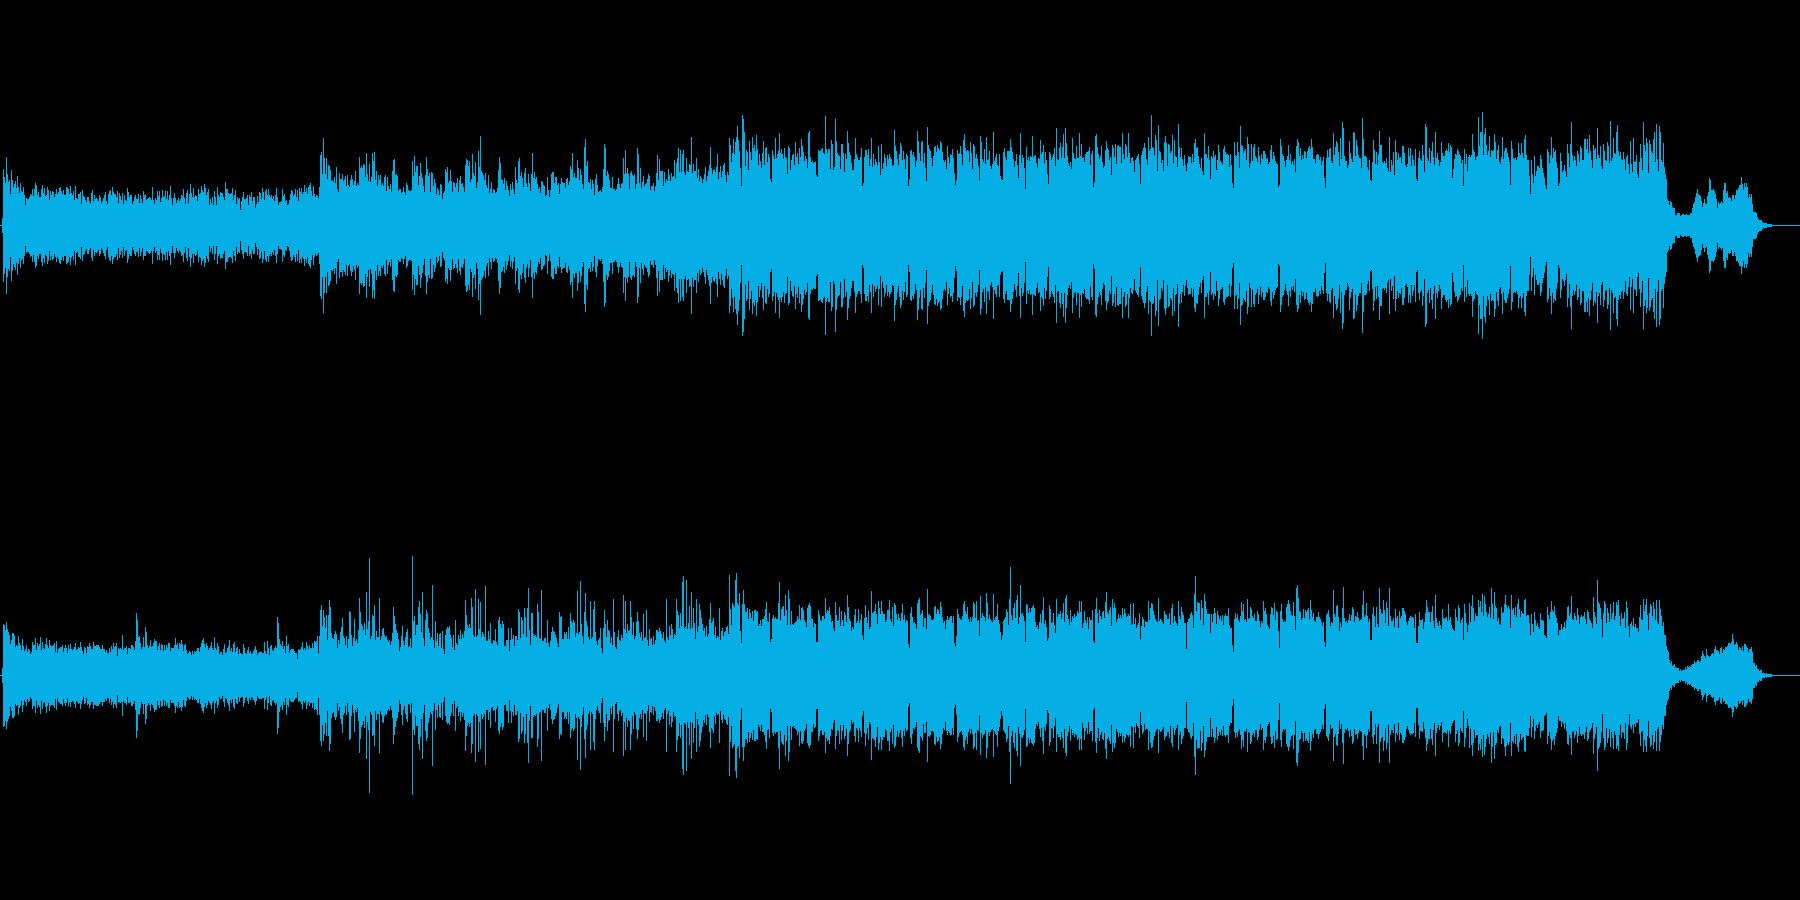 ブルガリアン・ヴォイスで神秘を表現した曲の再生済みの波形